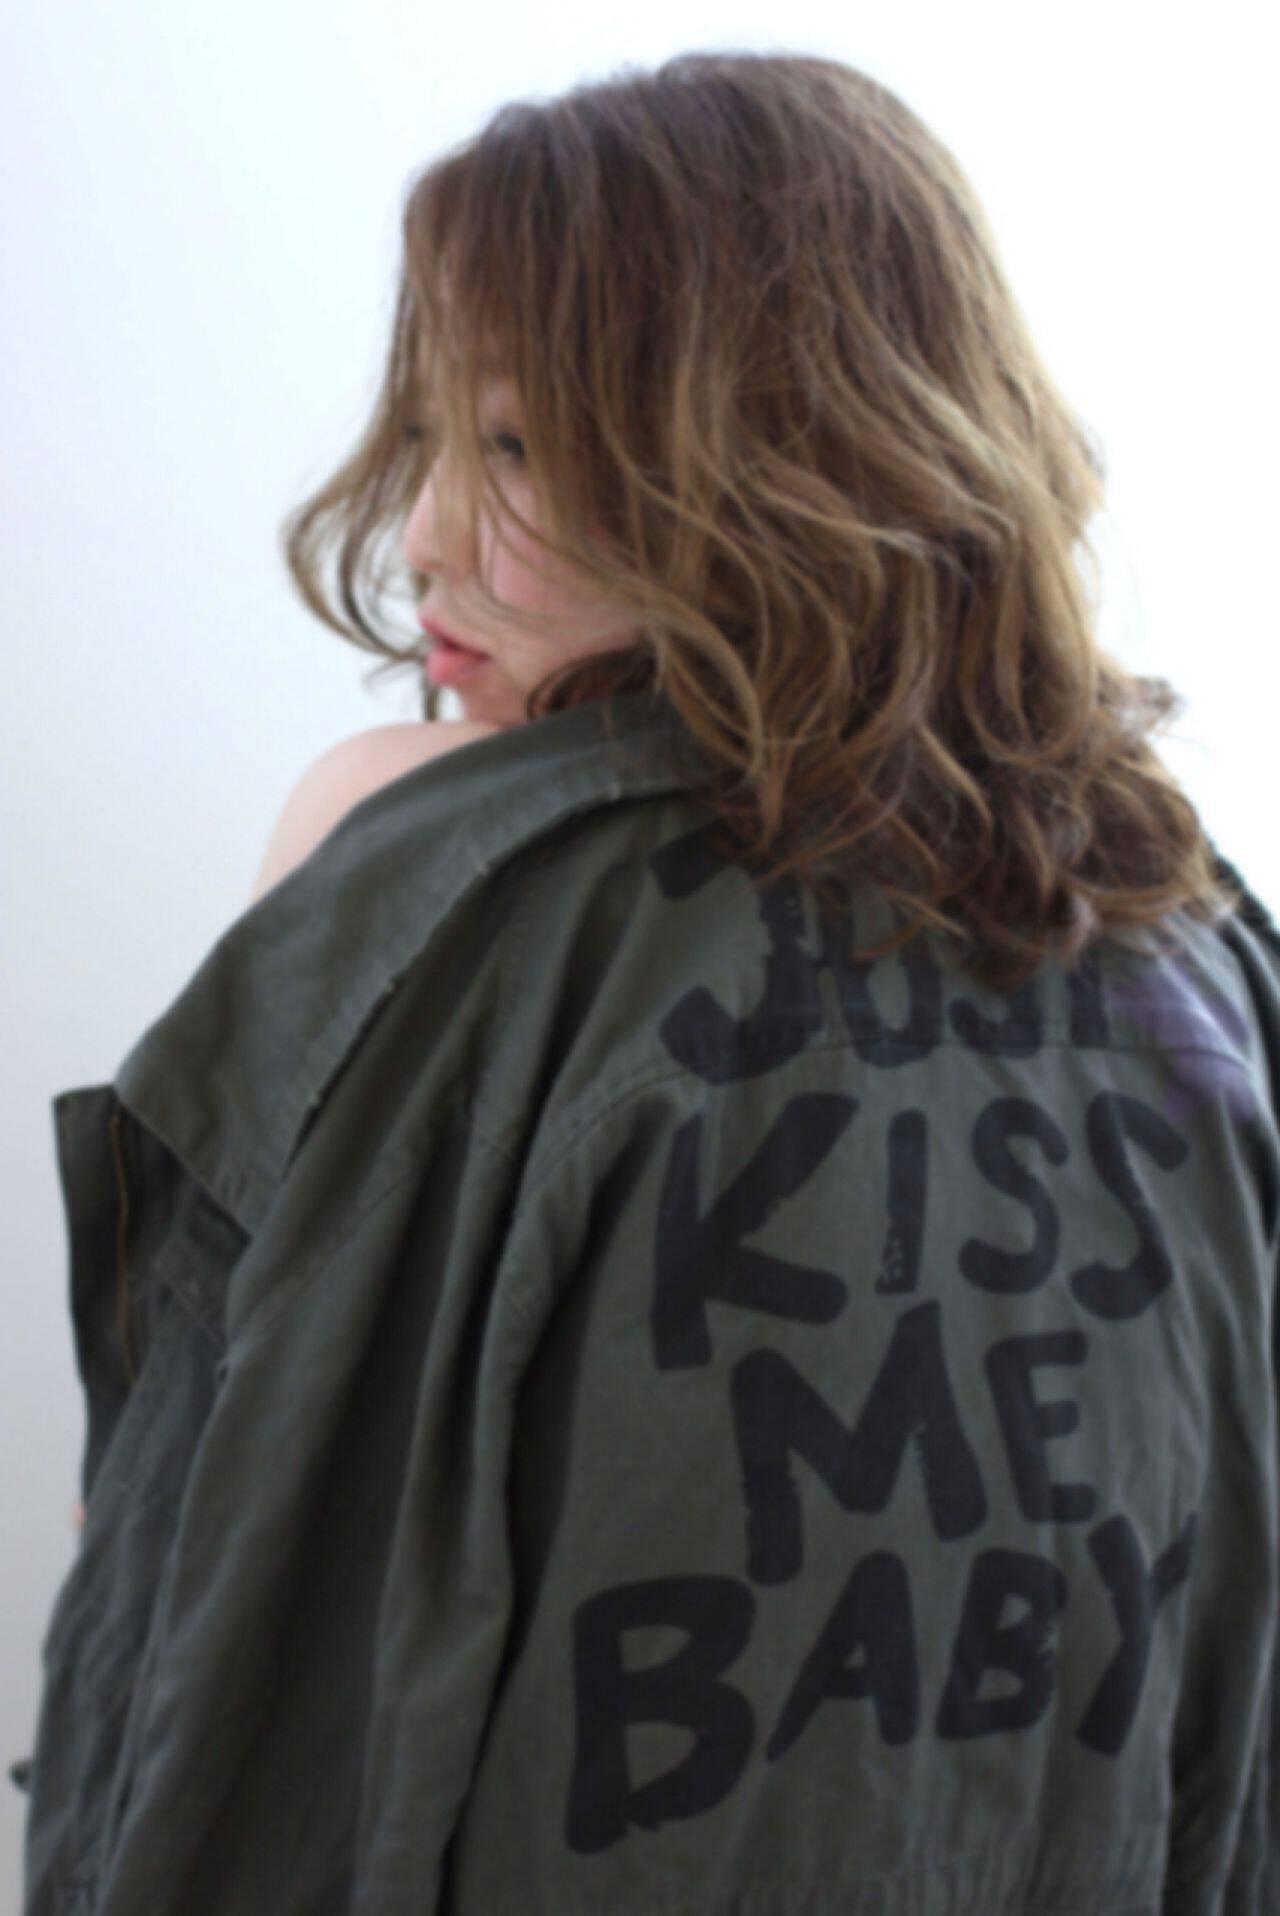 ミディアム アッシュ 外国人風 ストリートヘアスタイルや髪型の写真・画像